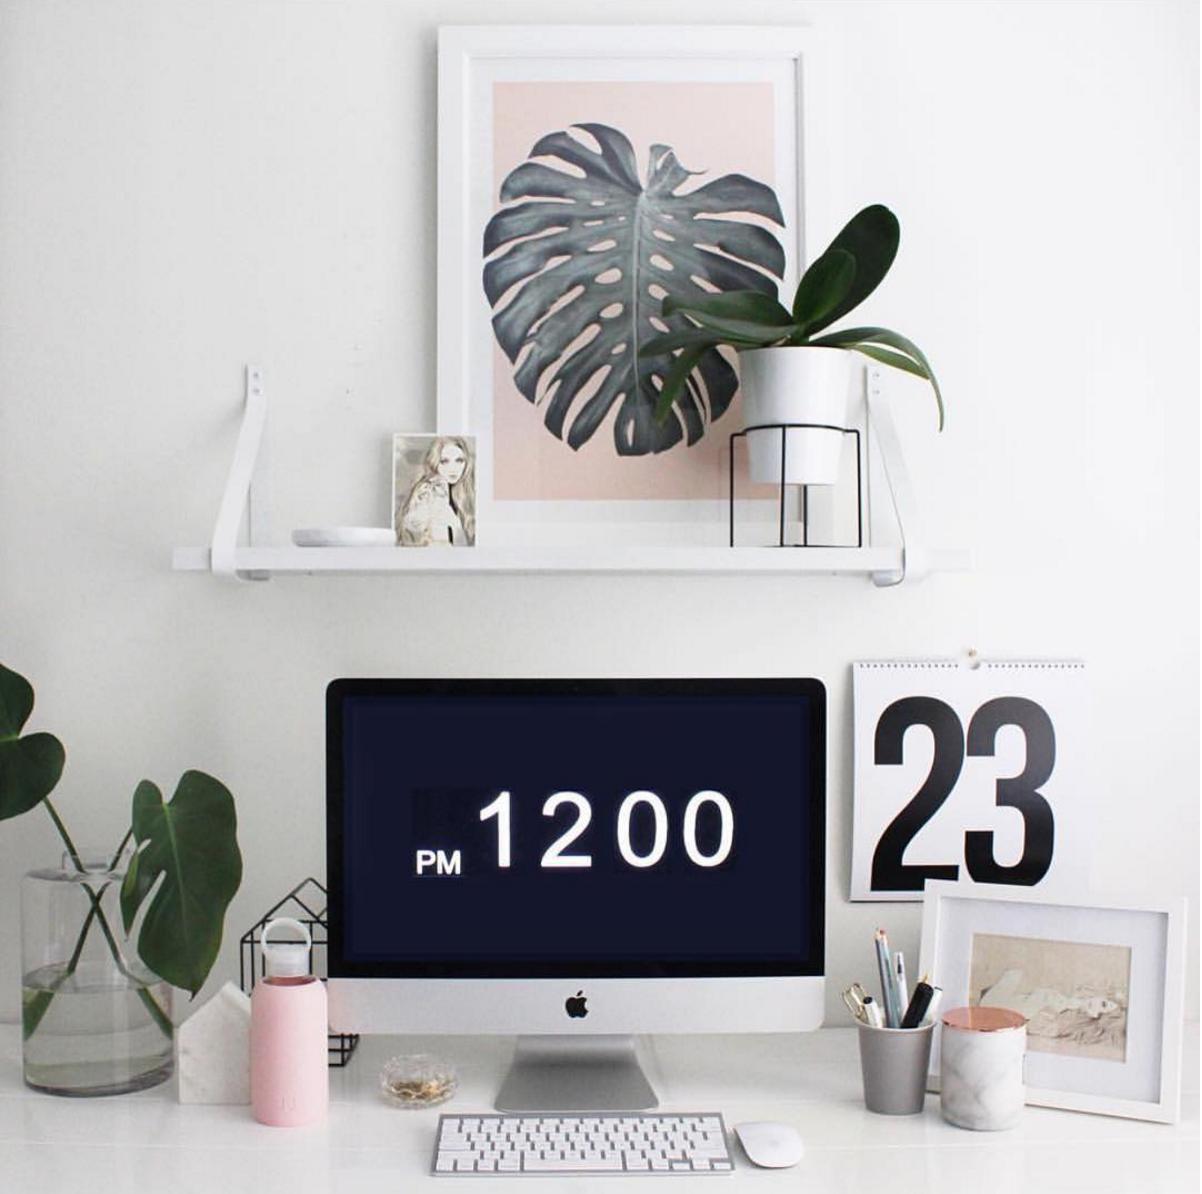 Instagram desk goals